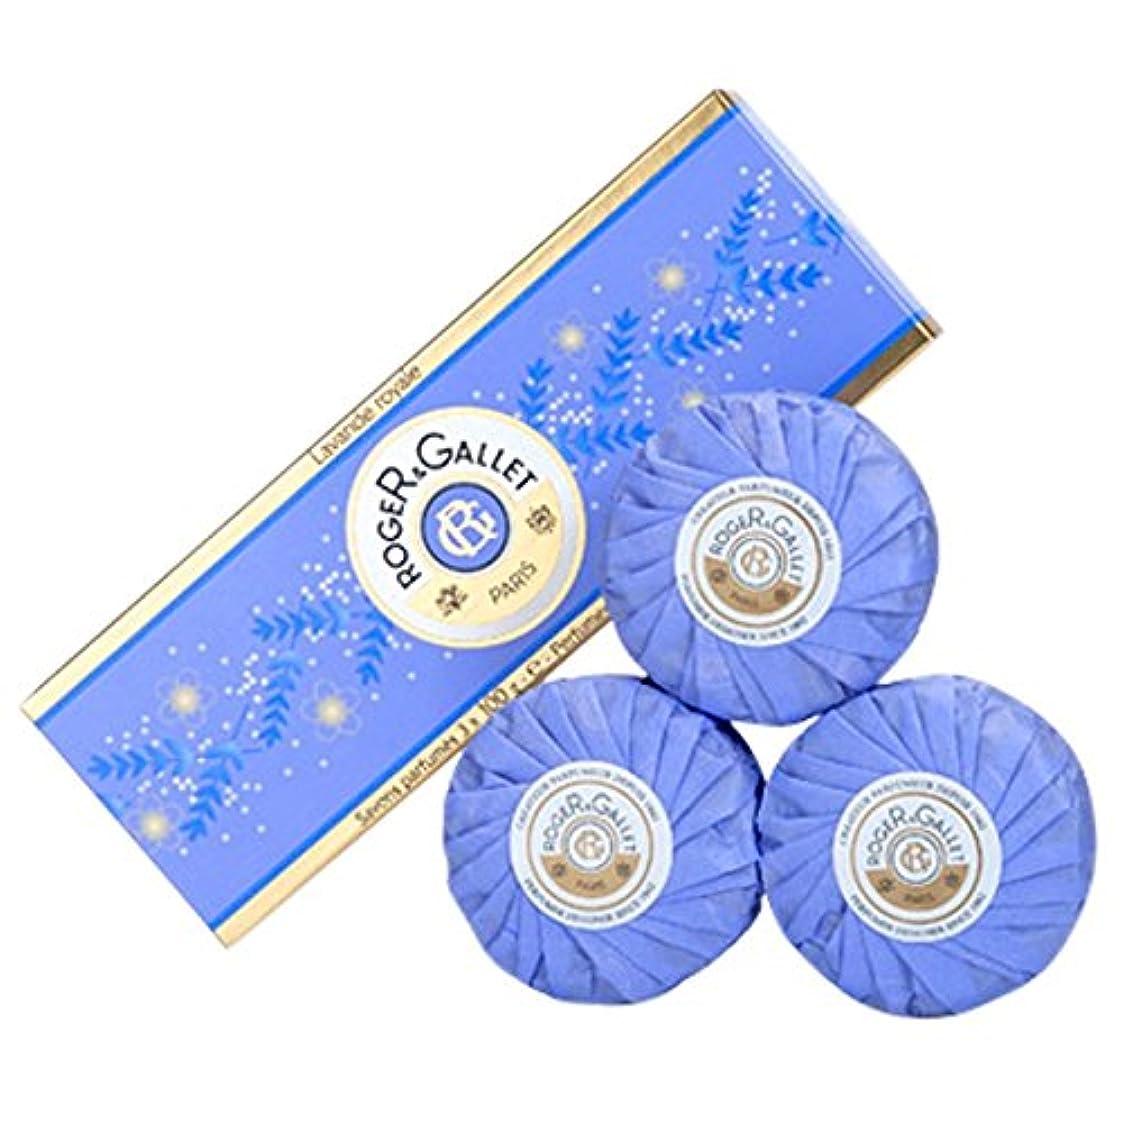 手段貫通罰ロジャー&Galletのラバンデロワイヤルソープコフレ3つのX 100グラム (Roger & Gallet) (x2) - Roger & Gallet Lavande Royale Soap Coffret 3 x 100g (Pack of 2) [並行輸入品]